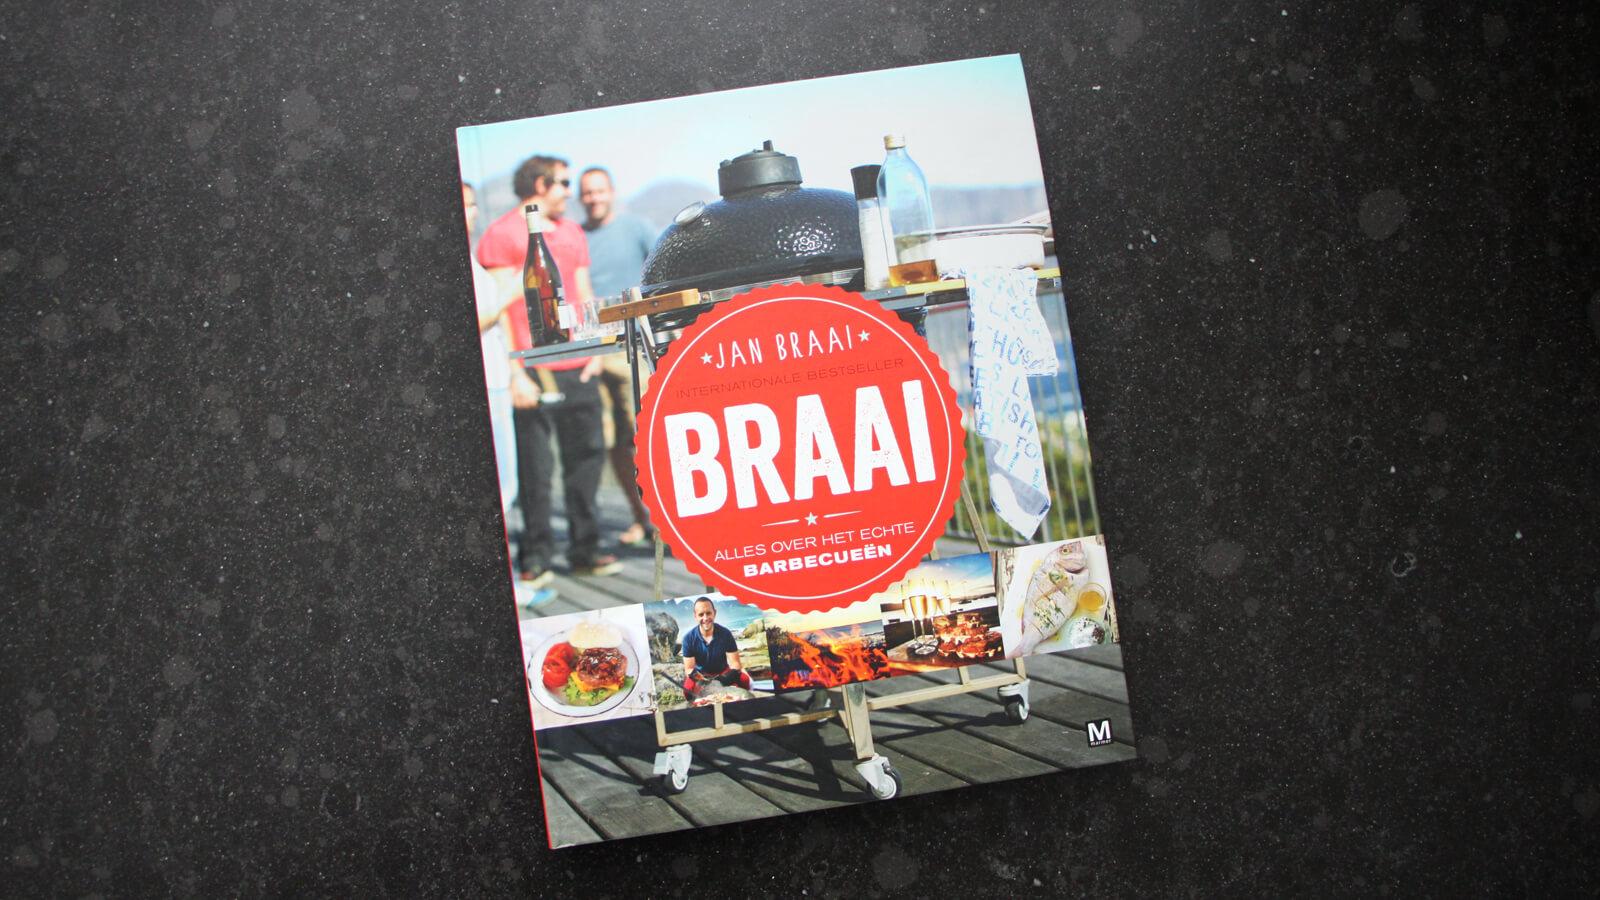 De Beste Tikka Masala van Jan Braai, uit het boek Braai